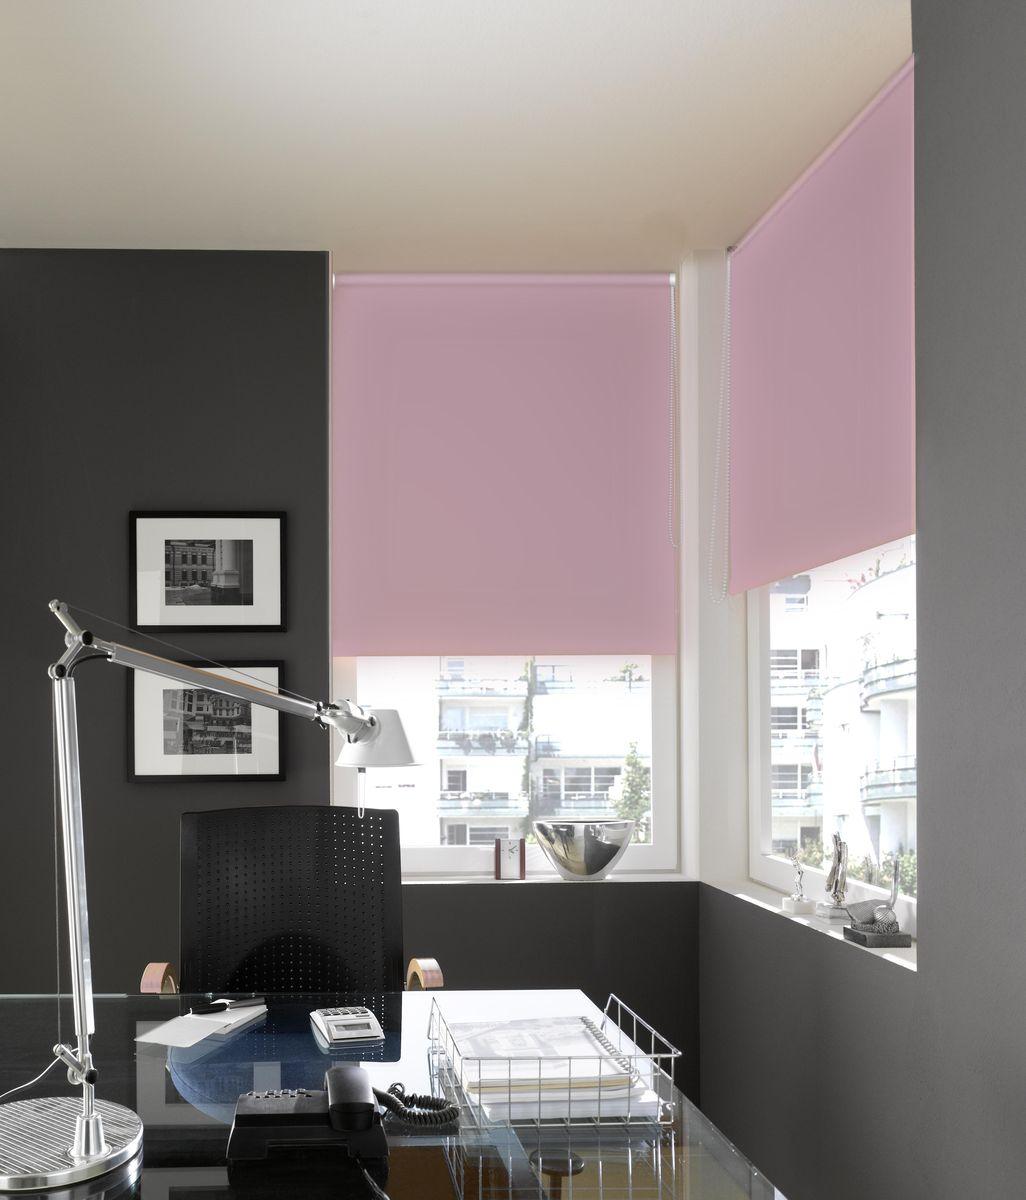 Штора рулонная Эскар Миниролло. Blackout, светонепроницаемая, цвет: розовый кварц, ширина 62 см, высота 170 см34933062170Рулонными шторамиЭскар Миниролло. Blackout можно оформлять окна как самостоятельно, так и использовать в комбинации с портьерами. Это поможет предотвратить выгорание дорогой ткани на солнце и соединит функционал рулонных с красотой навесных. Преимущества применения рулонных штор для пластиковых окон: - имеют прекрасный внешний вид: многообразие и фактурность материала изделия отлично смотрятся в любом интерьере;- многофункциональны: есть возможность подобрать шторы способные эффективно защитить комнату от солнца, при этом она не будет слишком темной;- есть возможность осуществить быстрый монтаж.ВНИМАНИЕ! Размеры ширины изделия указаны по ширине ткани! Во время эксплуатации не рекомендуется полностью разматывать рулон, чтобы не оторвать ткань от намоточного вала. В случае загрязнения поверхности ткани, чистку шторы проводят одним из способов, в зависимости от типа загрязнения:легкое поверхностное загрязнение можно удалить при помощи канцелярского ластика;чистка от пыли производится сухим методом при помощи пылесоса с мягкой щеткой-насадкой;для удаления пятна используйте мягкую губку с пенообразующим неагрессивным моющим средством или пятновыводитель на натуральной основе (нельзя применять растворители).